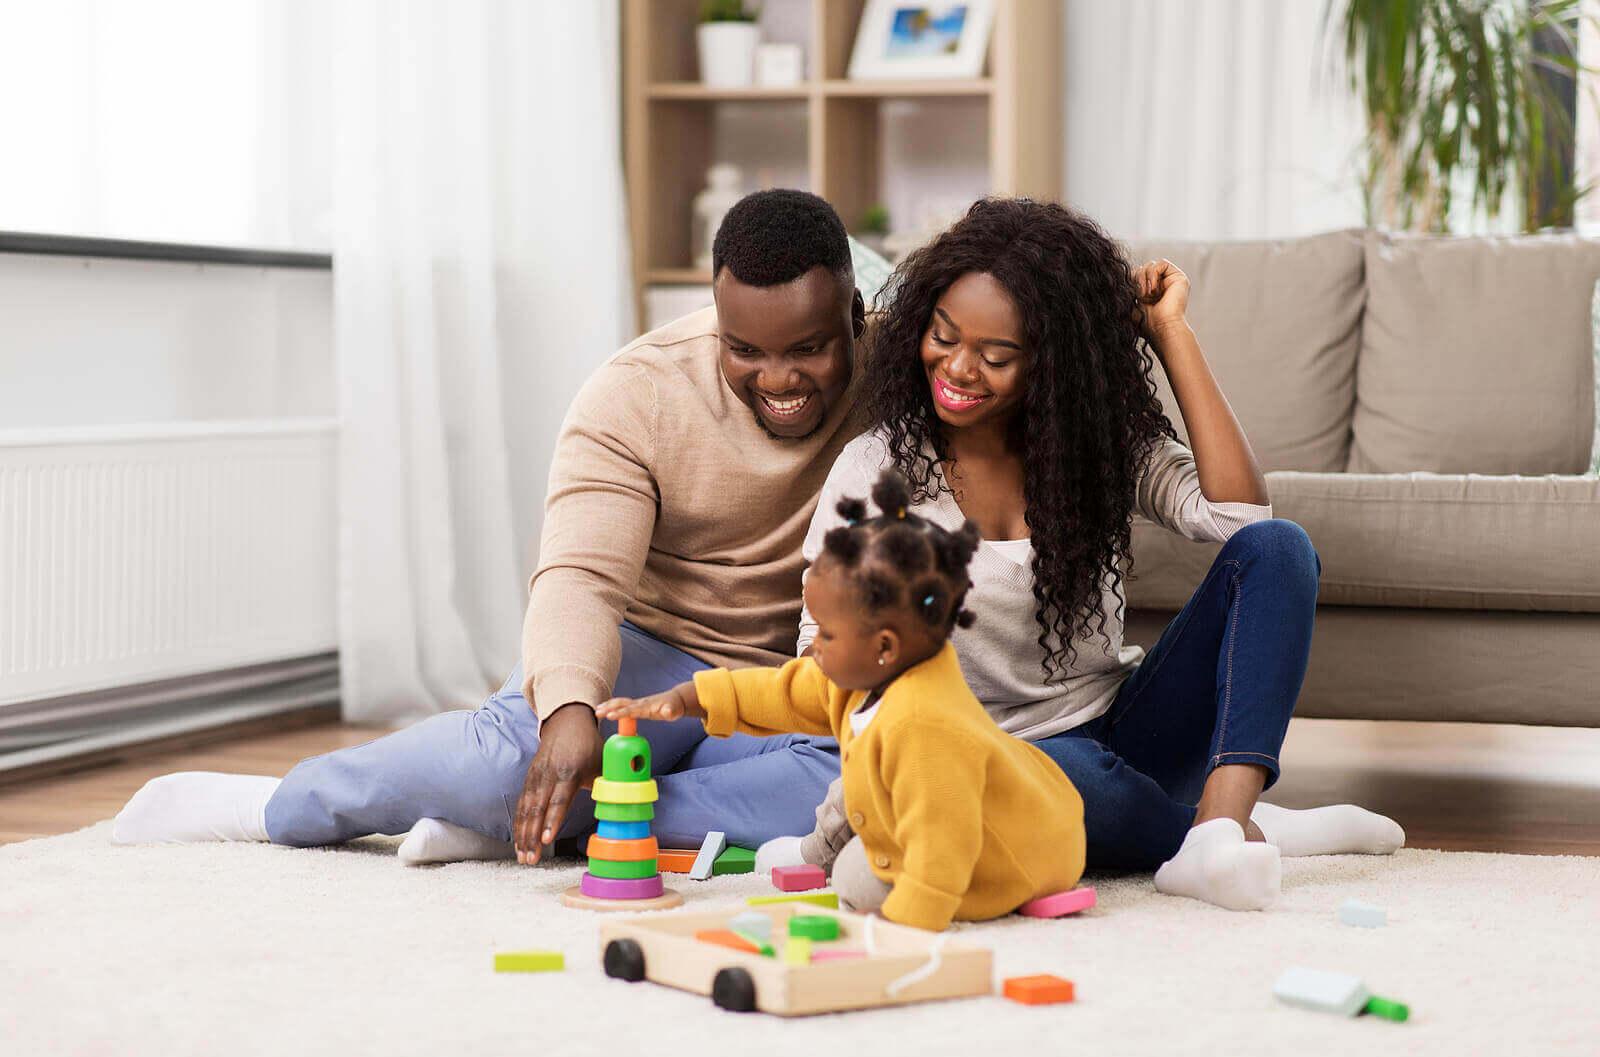 행복한 부모와 행복한 어린이